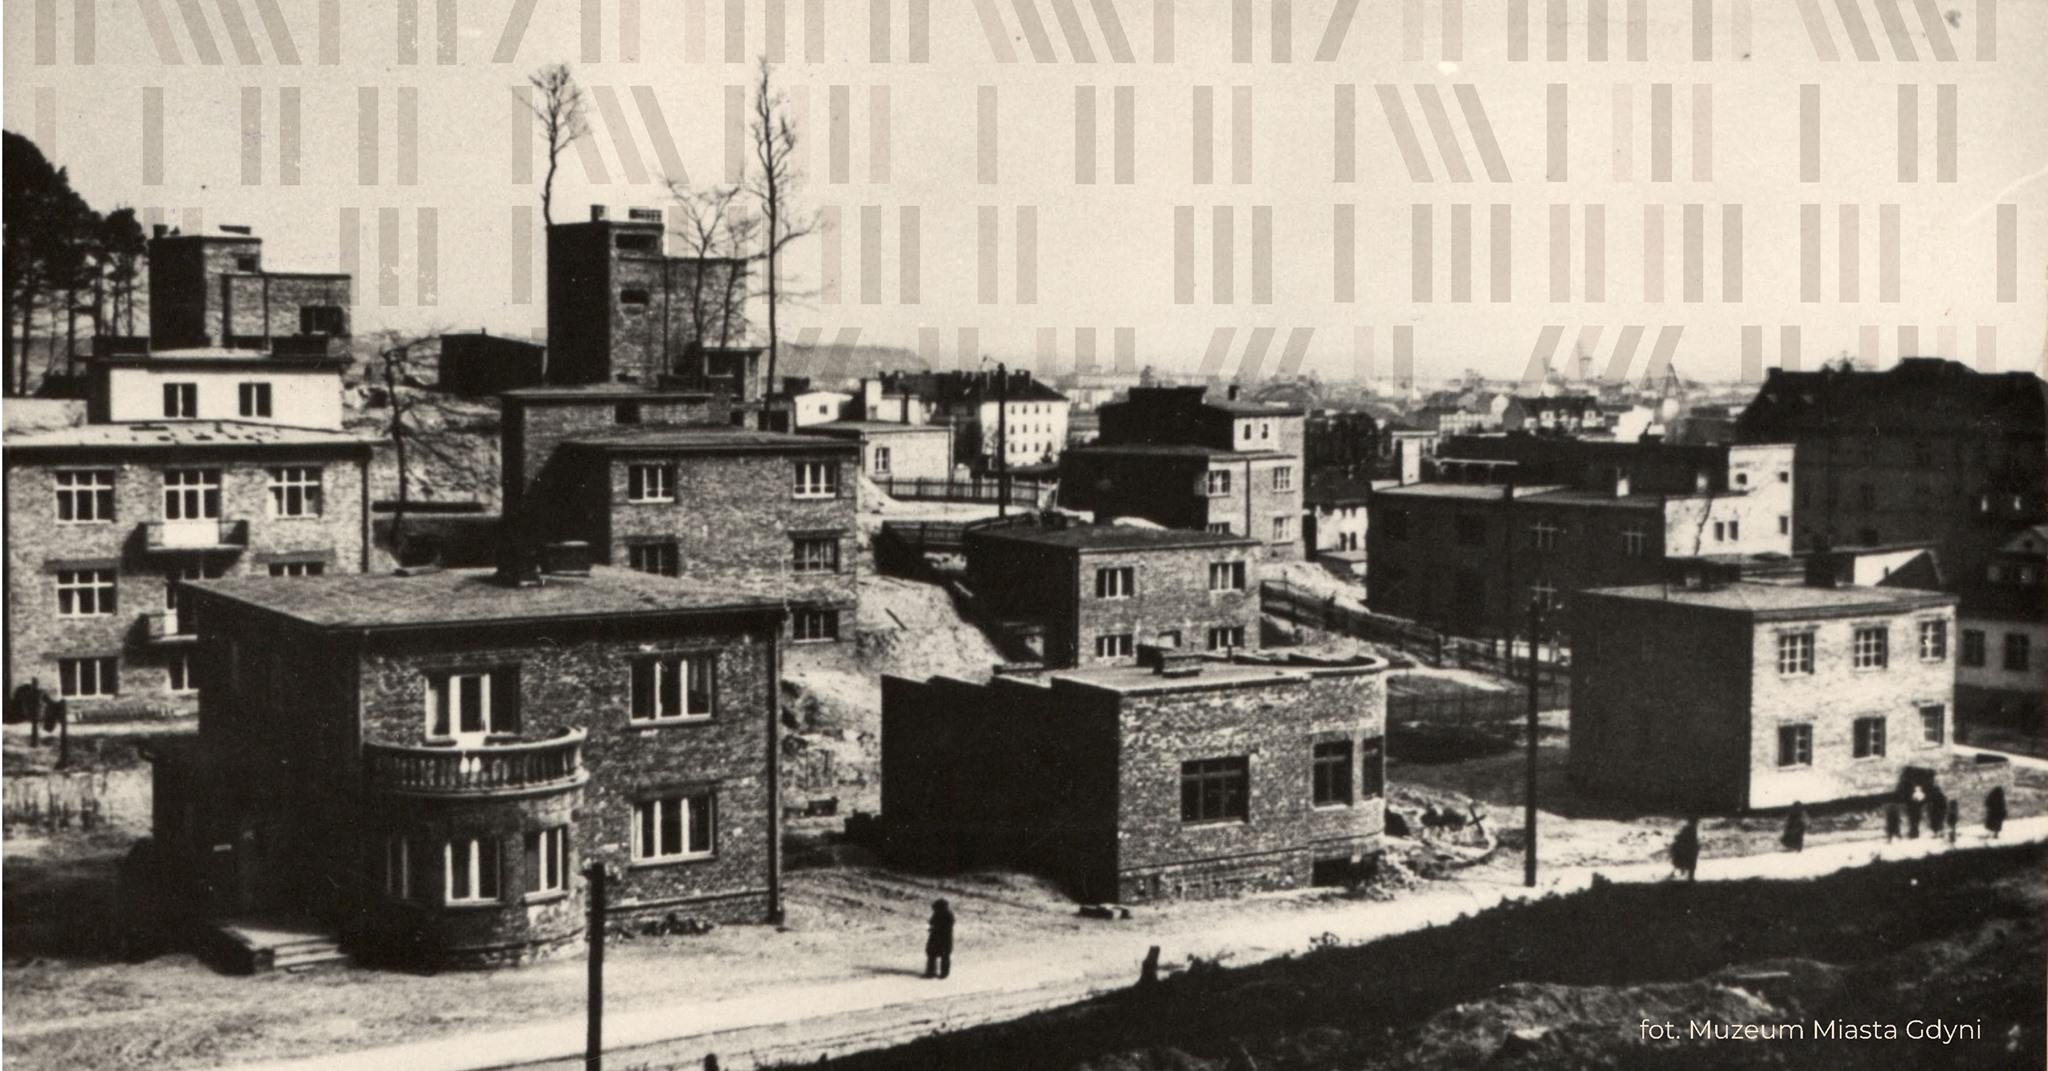 Zamieszkać w międzywojennej Gdyni - wykład dr Marcina Szerle, źródło: Biblioteka Gdynia